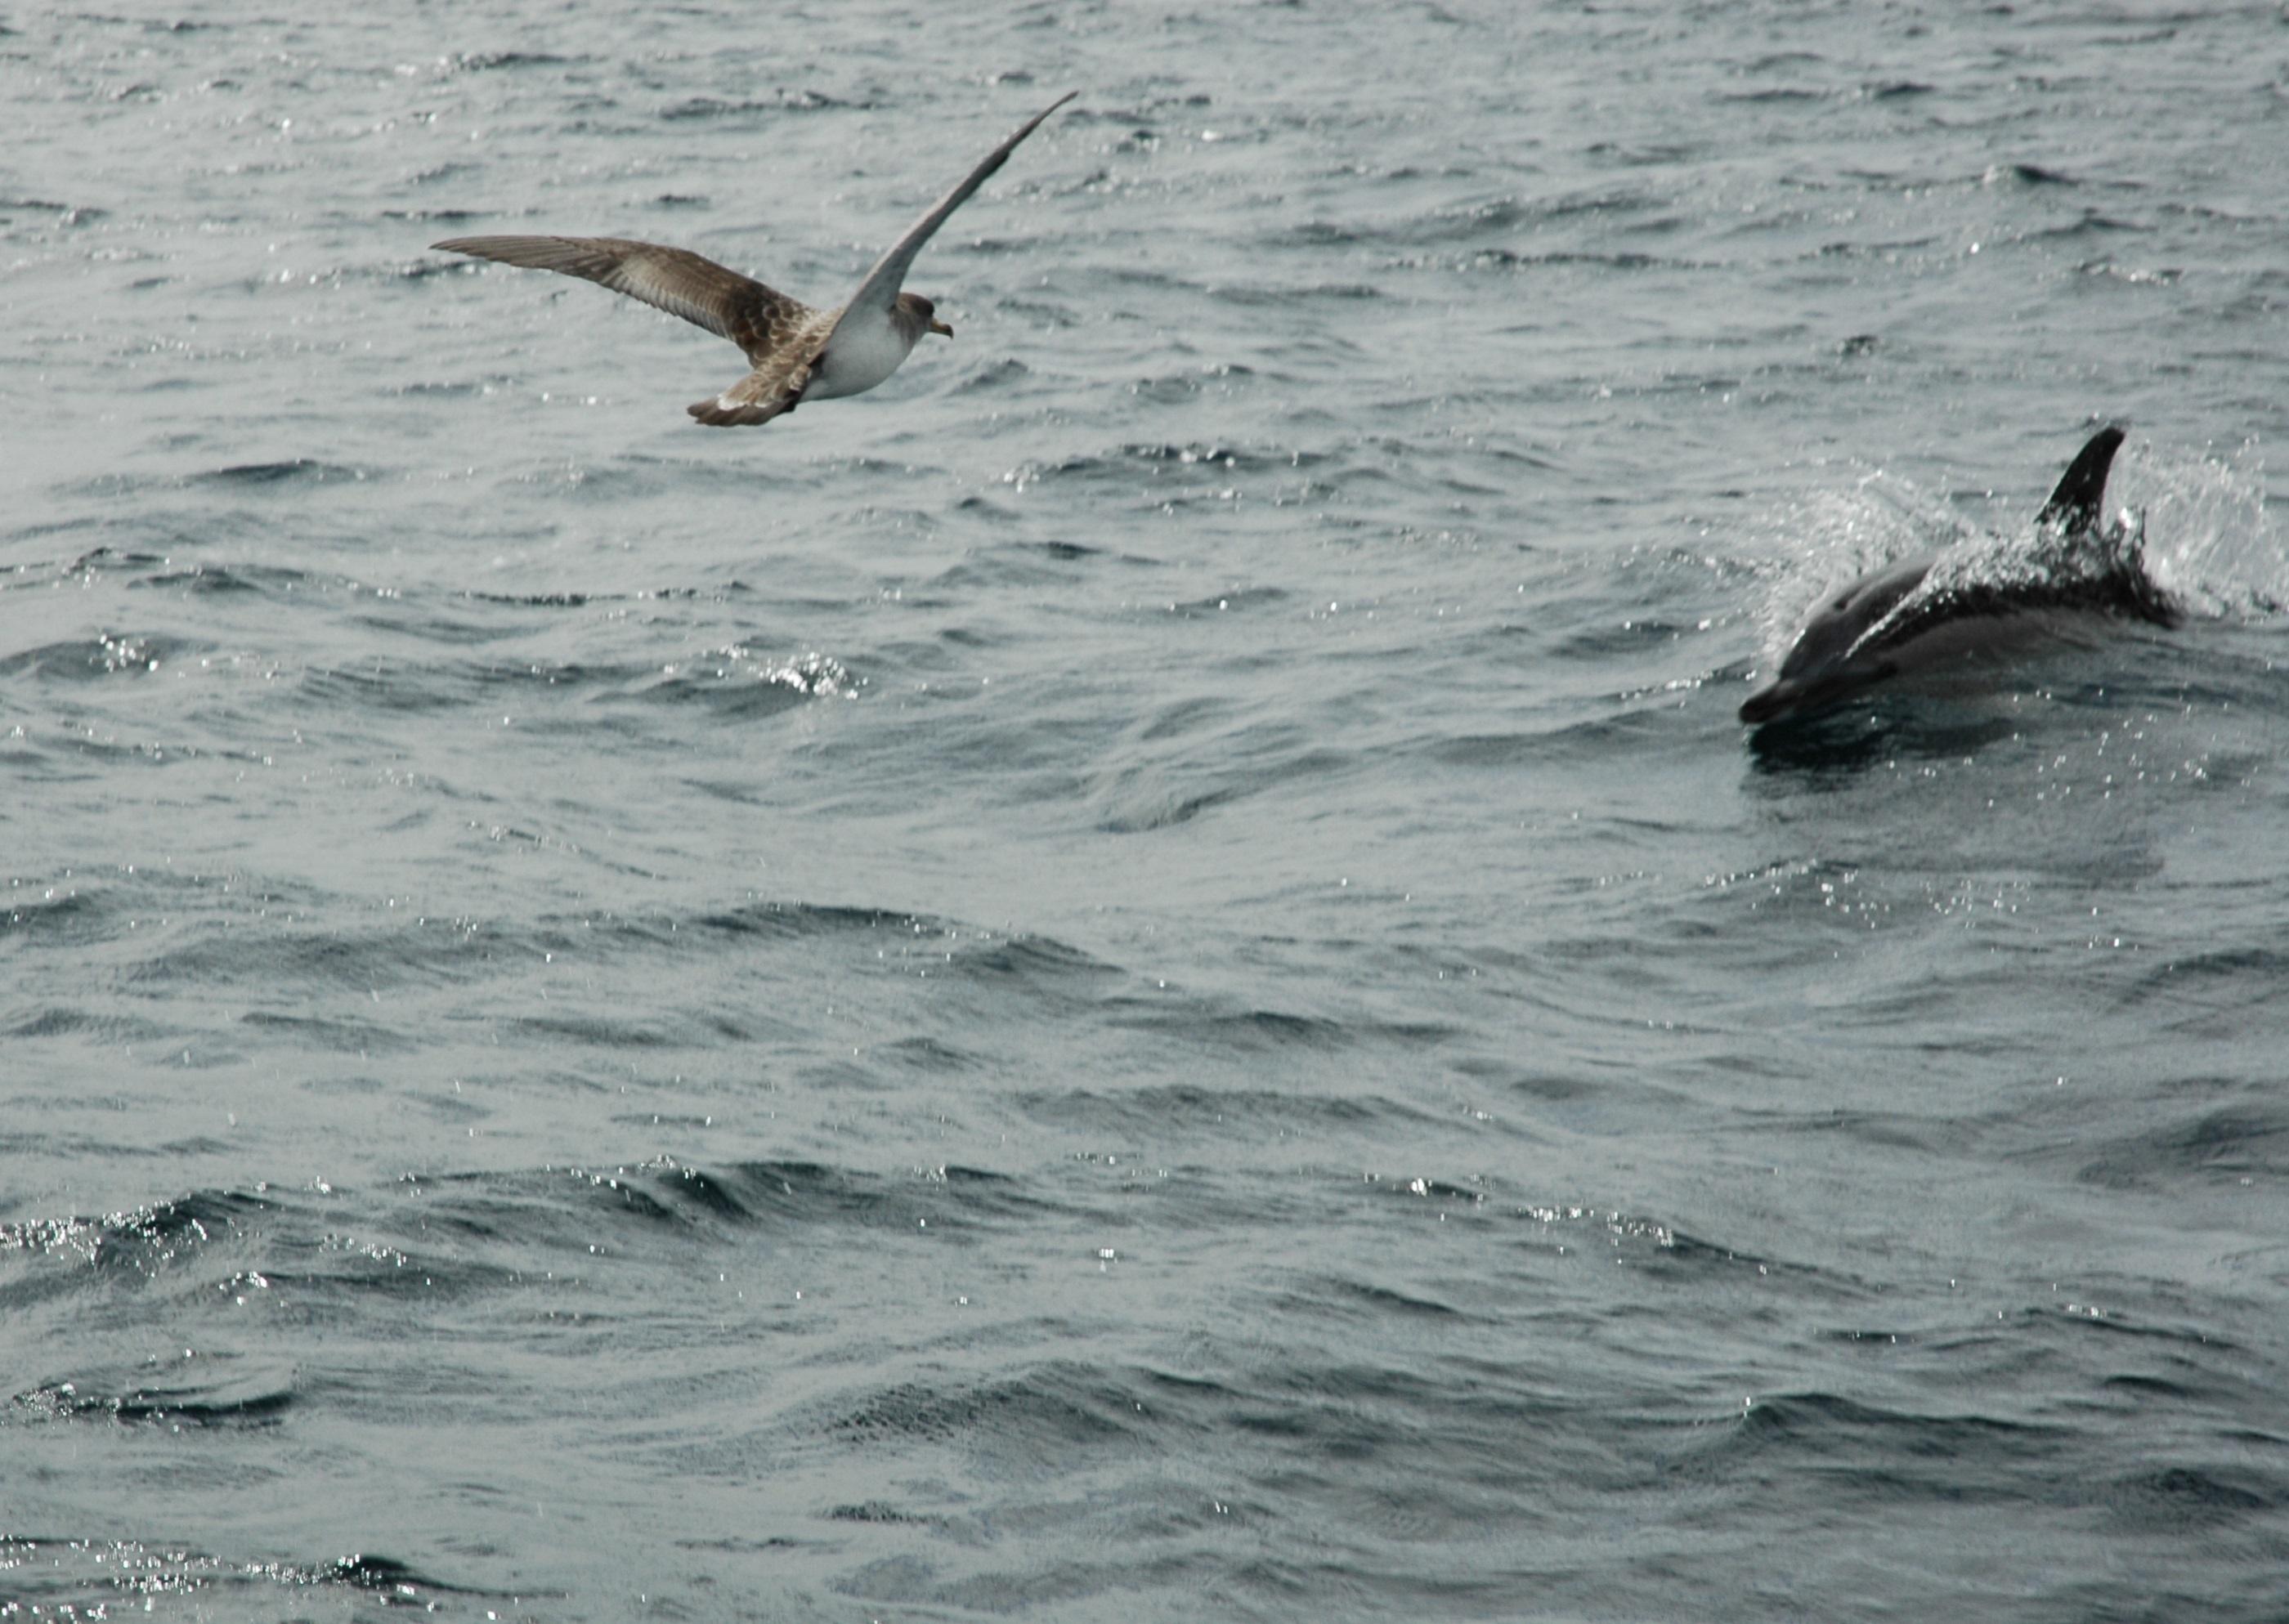 Seagull Flying, Animal, Bird, Fish, Gull, HQ Photo